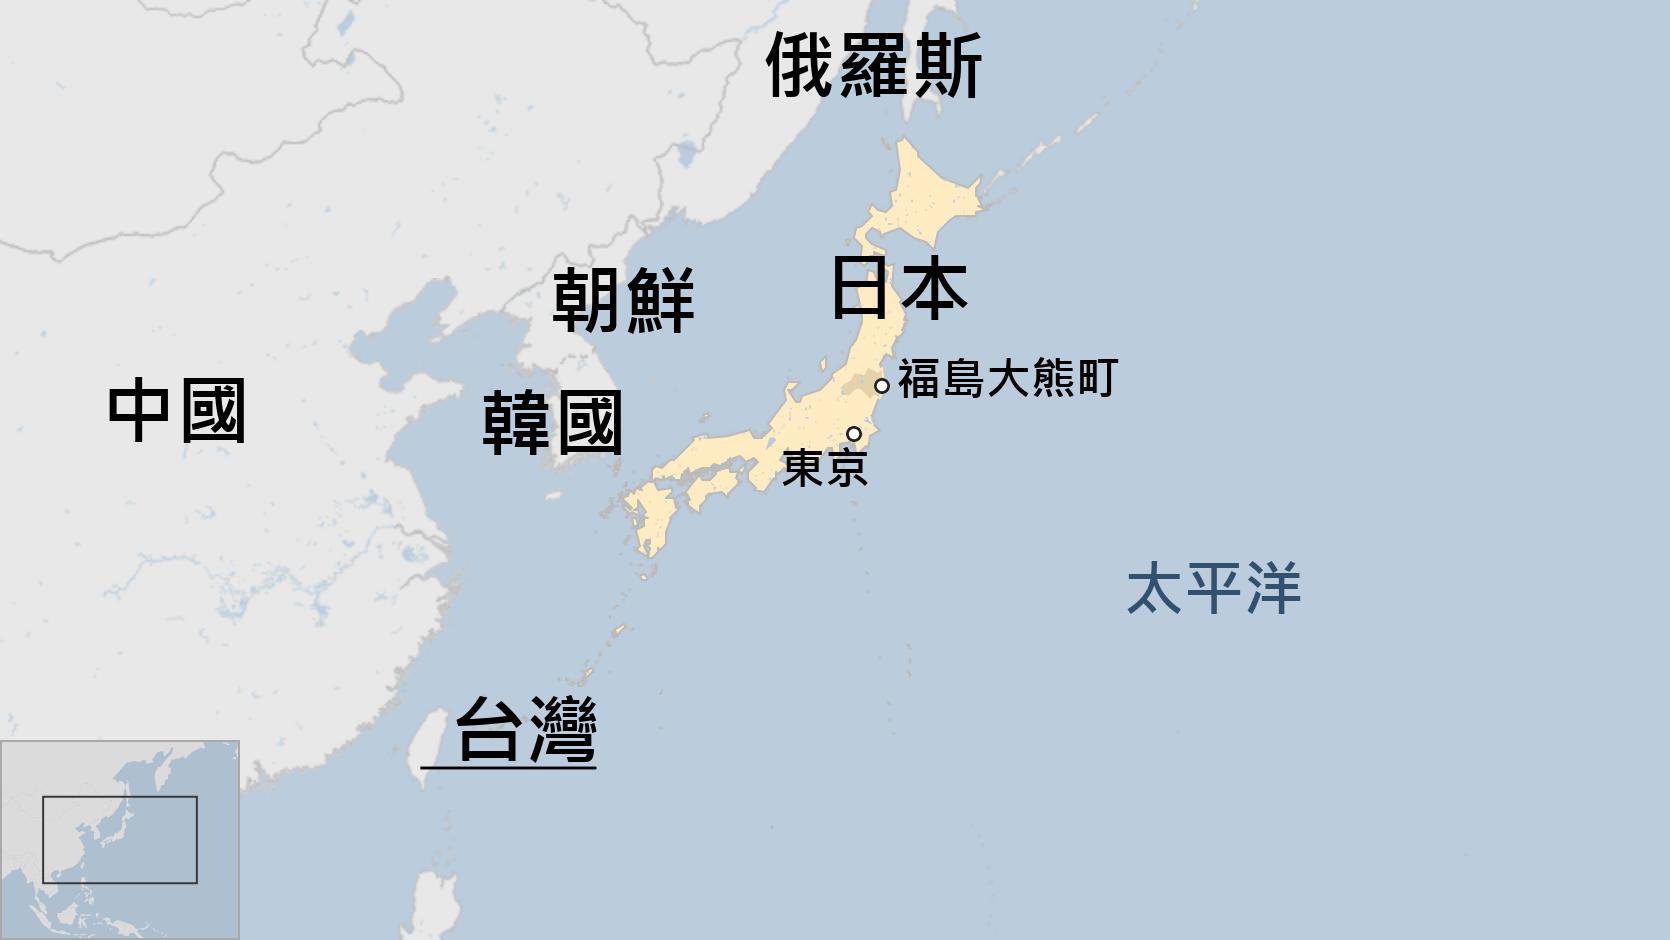 地圖:福島大熊町位置(相對於中國、韓朝、台灣與太平洋)